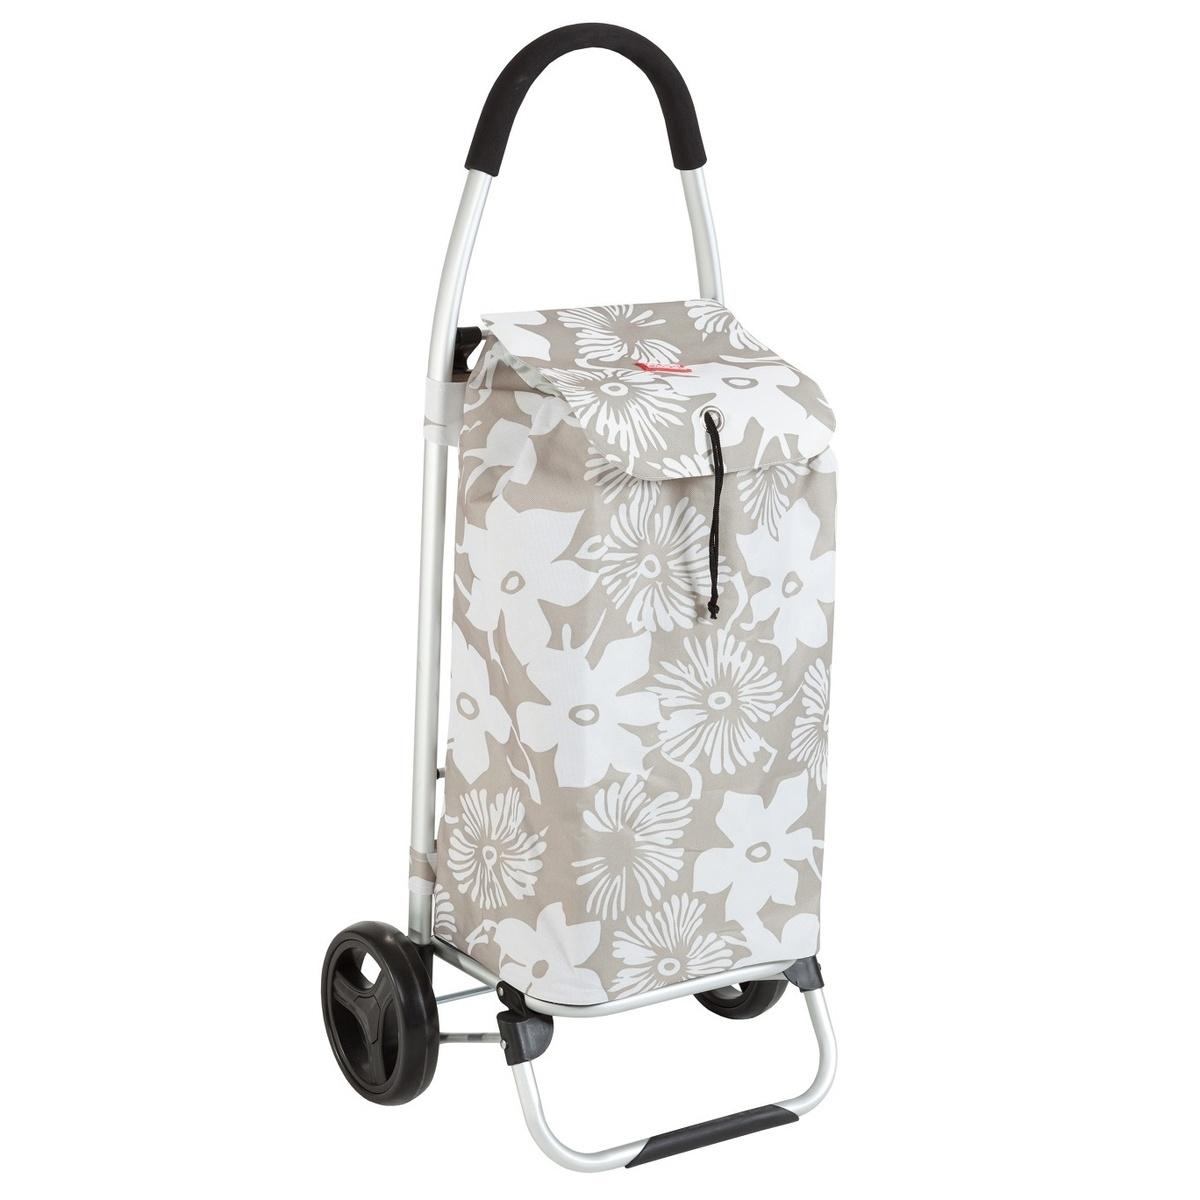 PRAGA Flor nákupný vozík